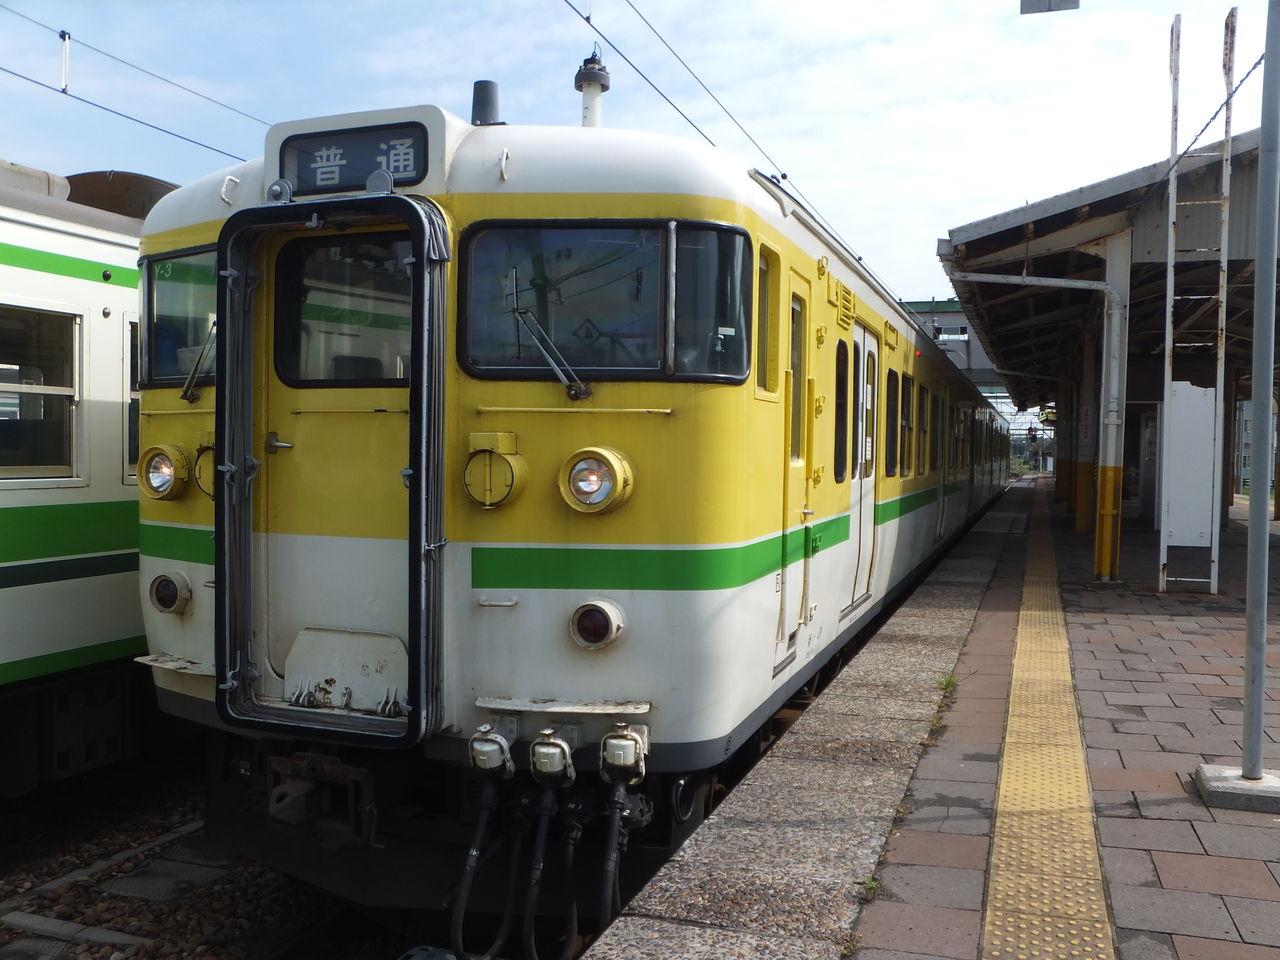 http://livedoor.blogimg.jp/ss2606/imgs/c/8/c83a2e29.jpg